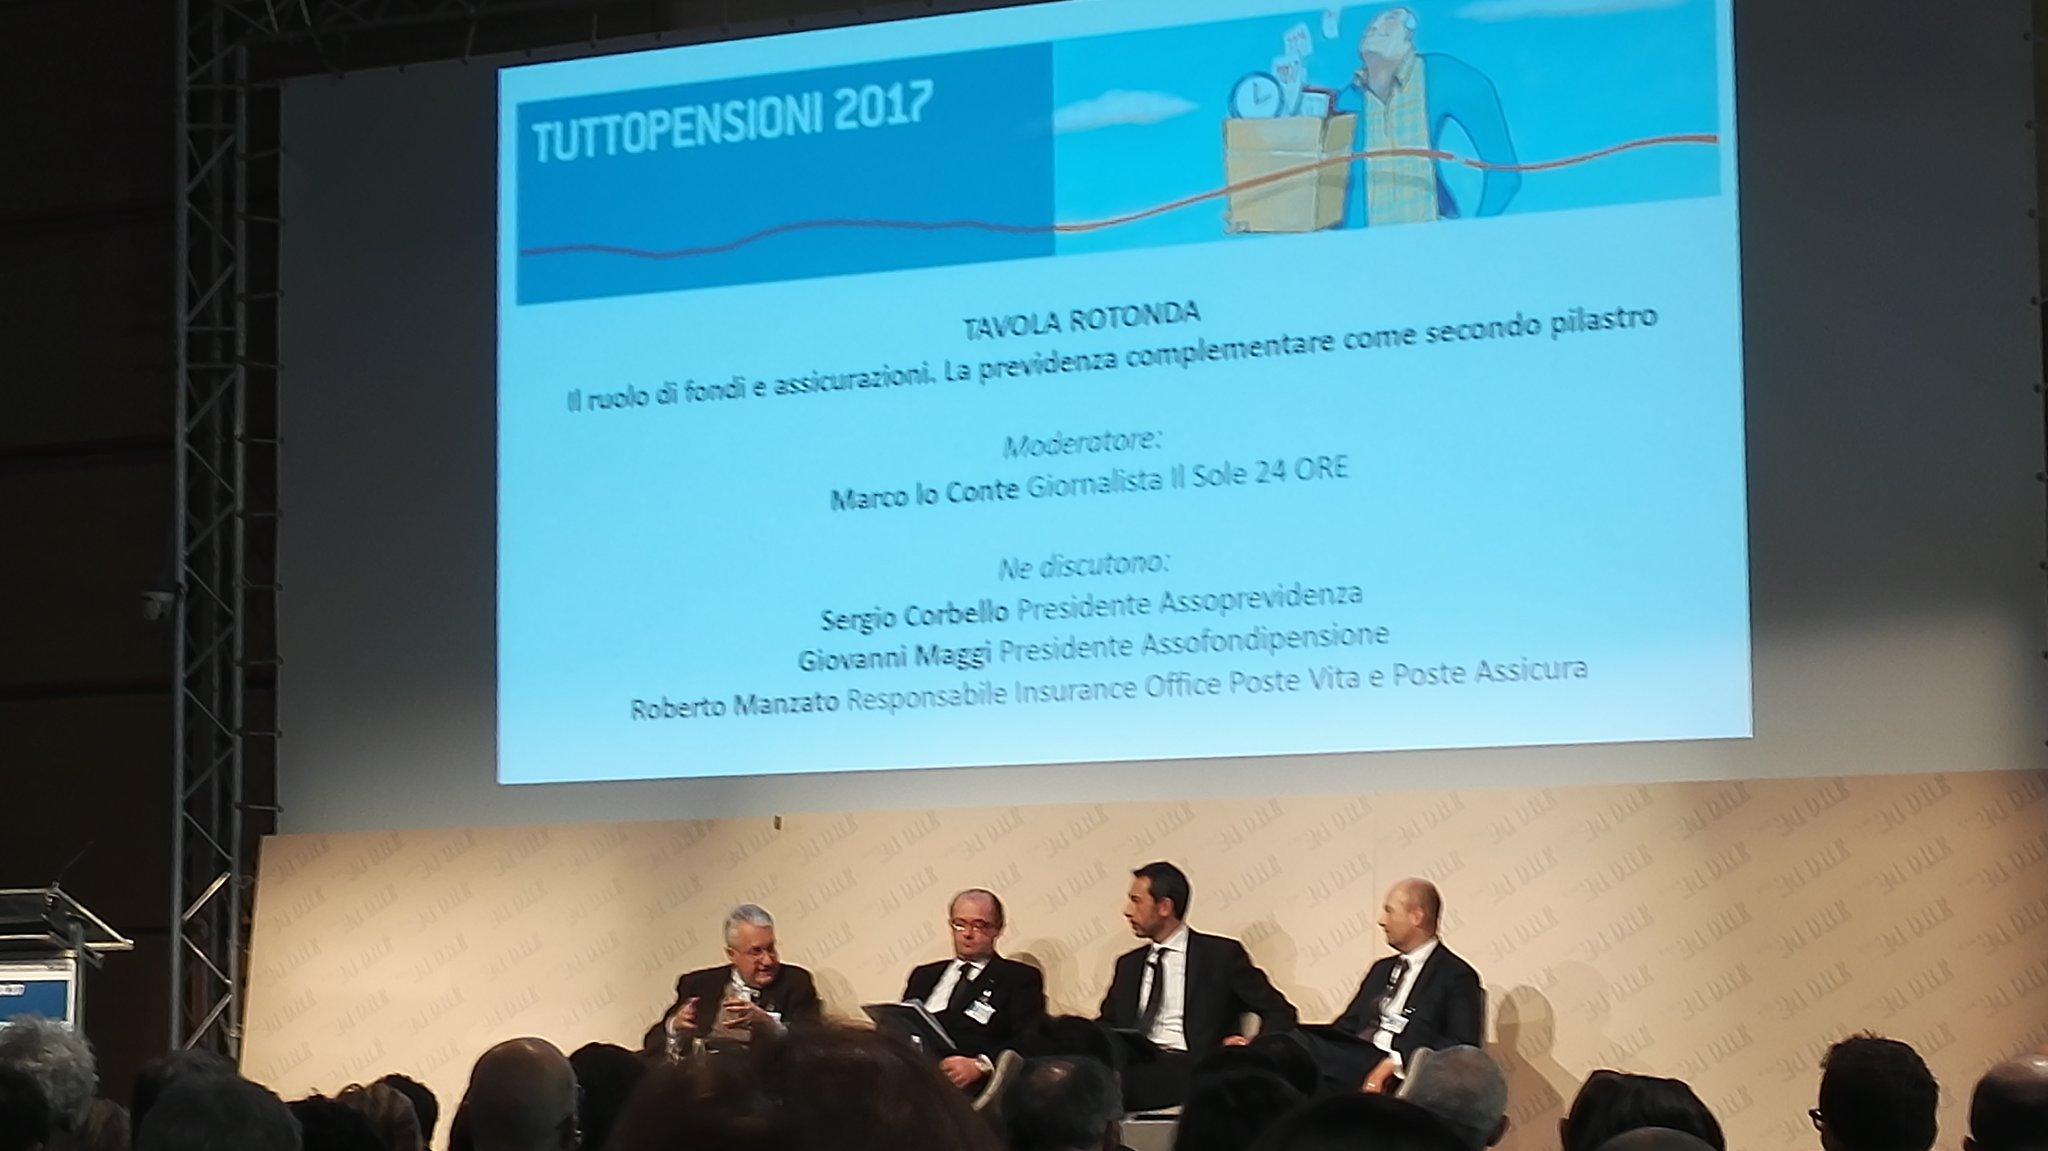 Ruolo di #fondi e #assicurazioni #tuttopensioni @sole24ore con #SergioCorbello @Assoprevidenza #GiovanniMaggi #RobertoManzato  @loconte63 https://t.co/Pho6Q6Et7w